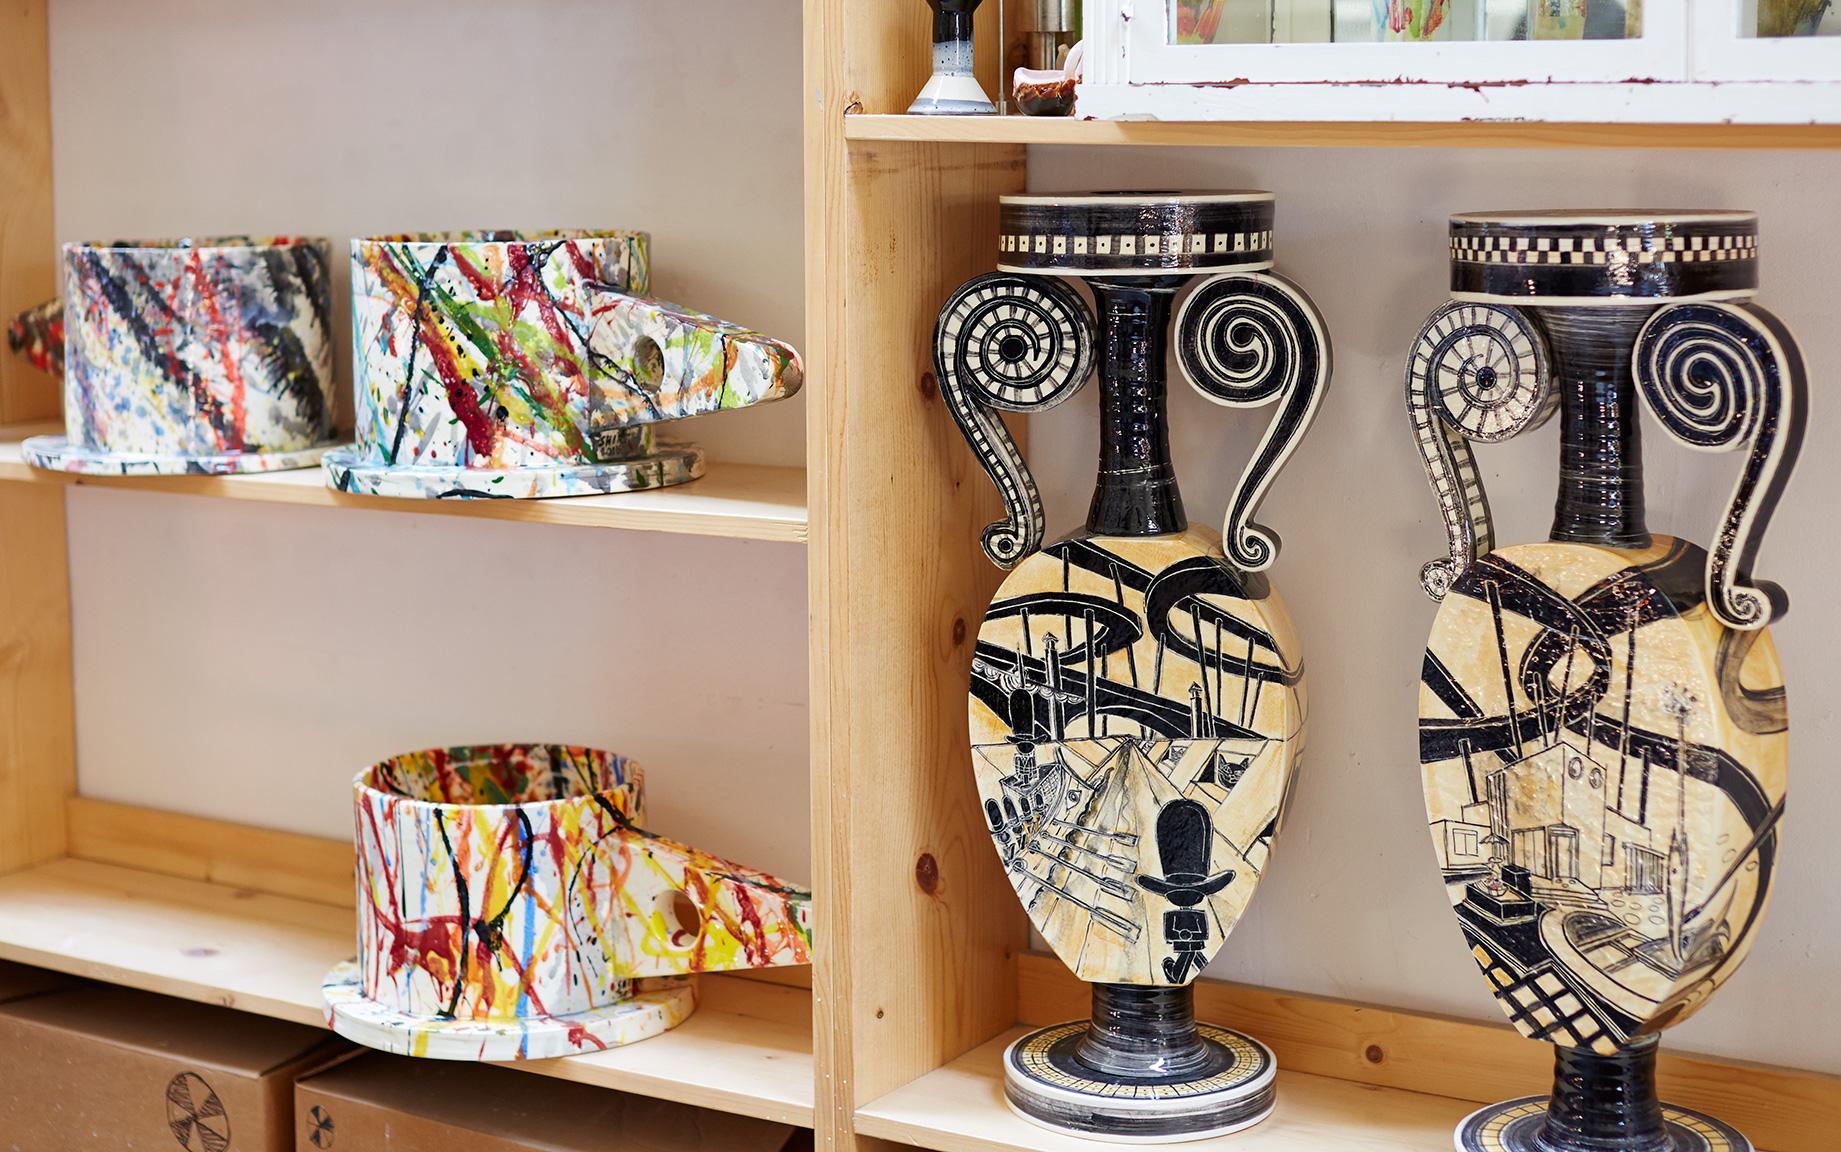 Peter Shire, Echo Park Pottery, memphis ,